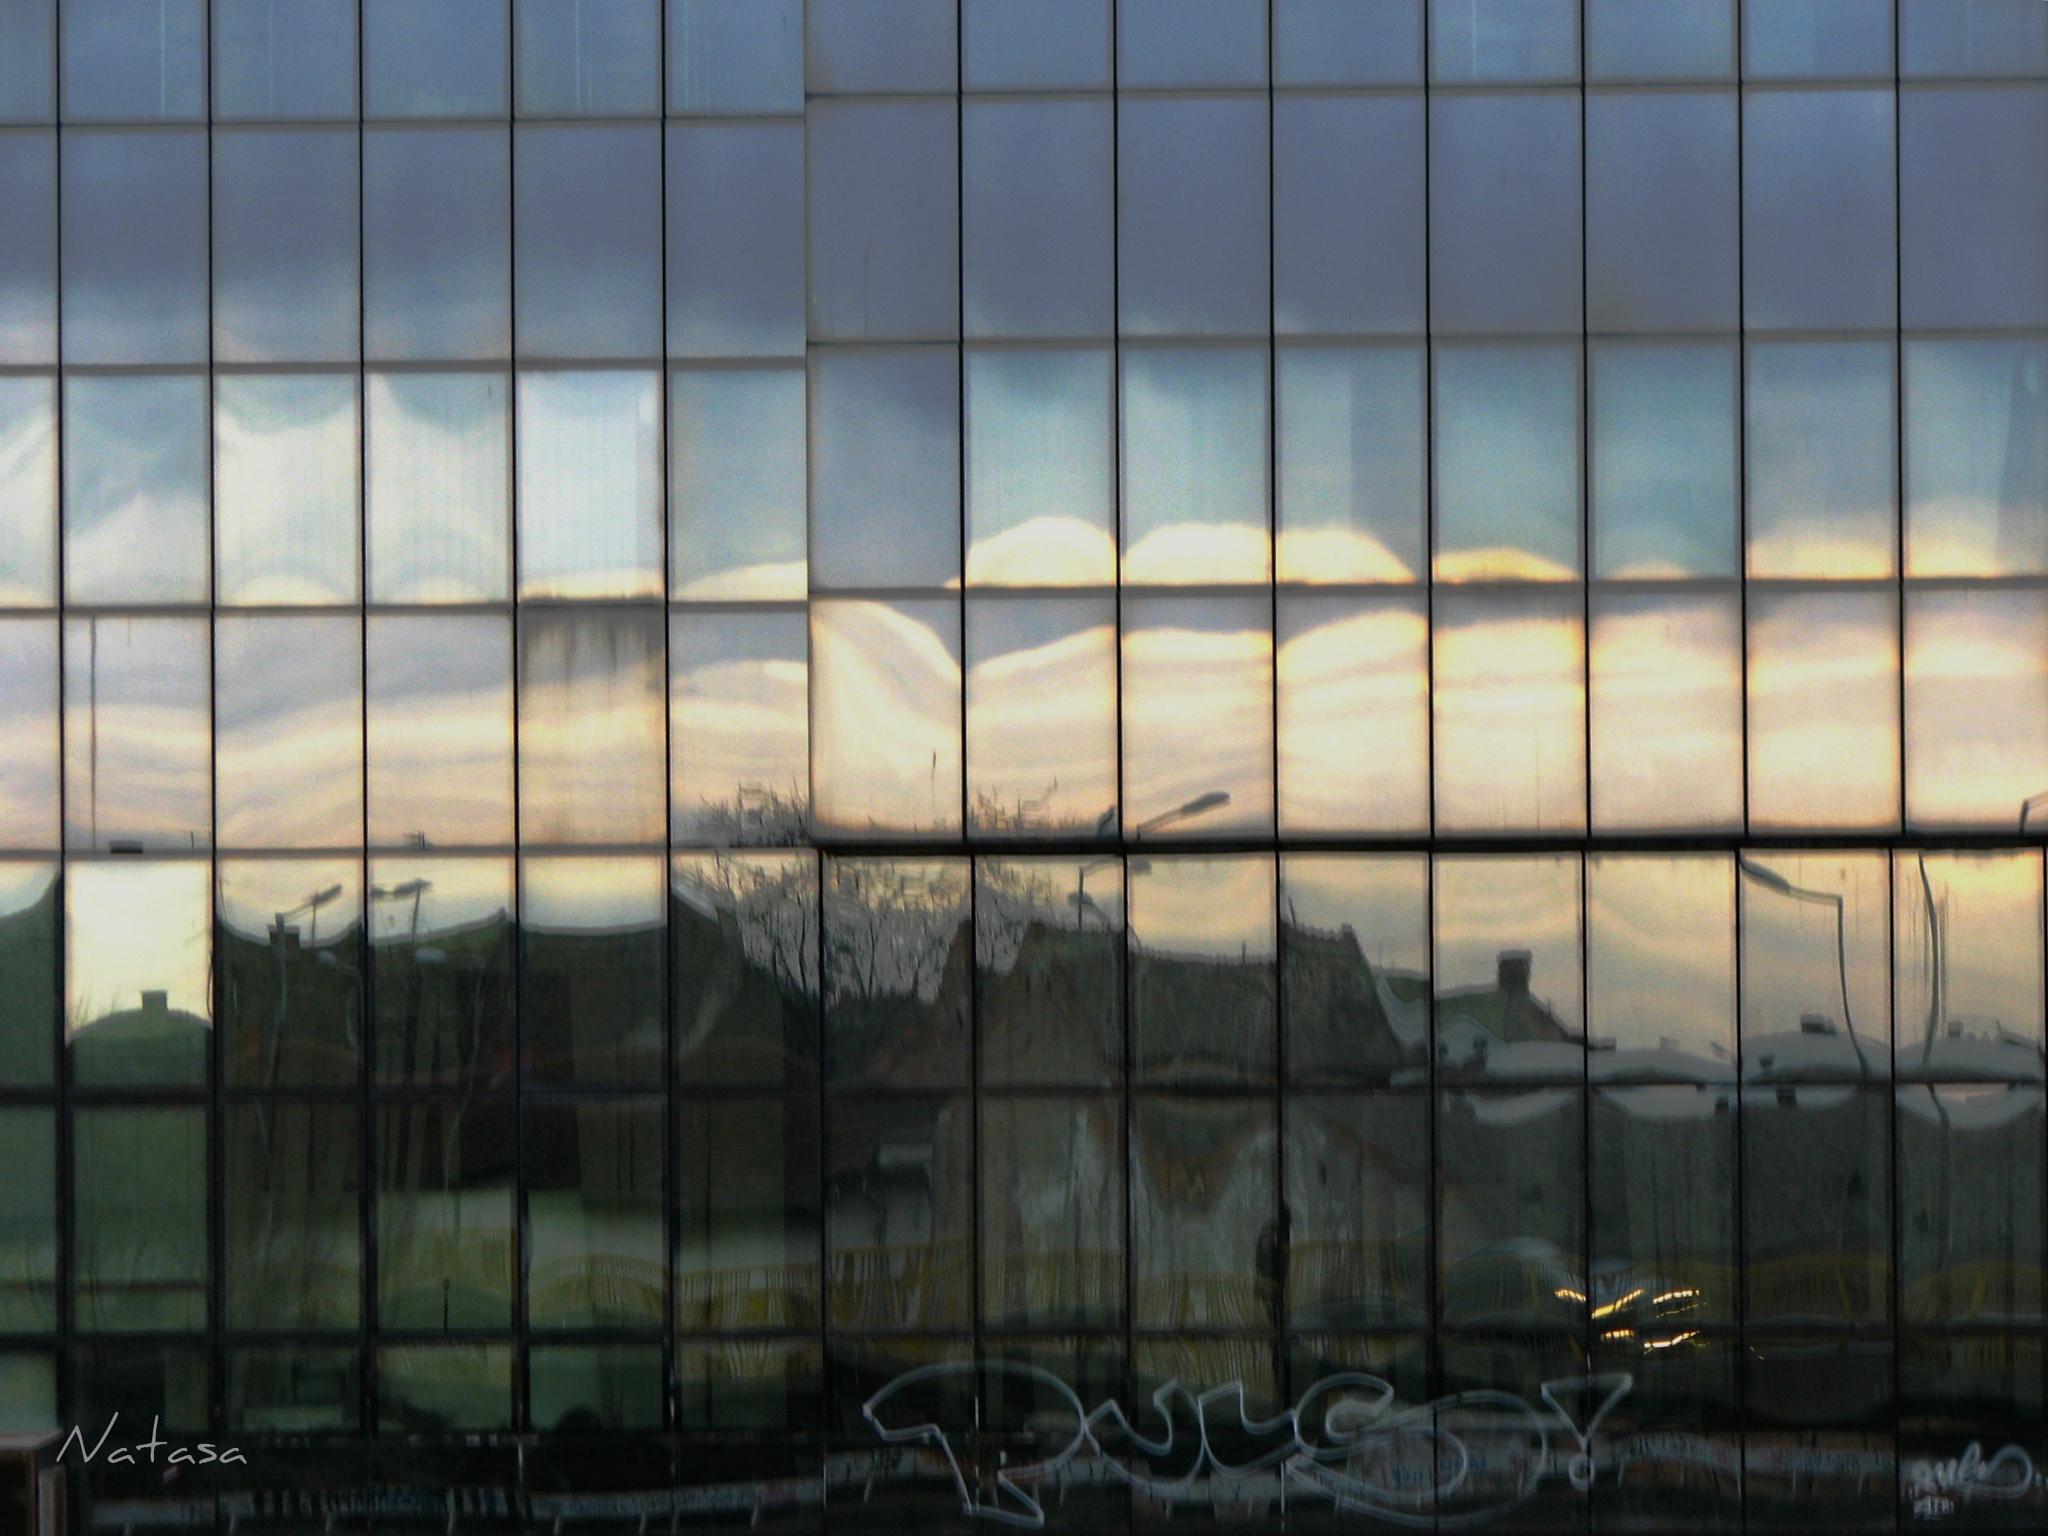 Reflectons by Natasa68